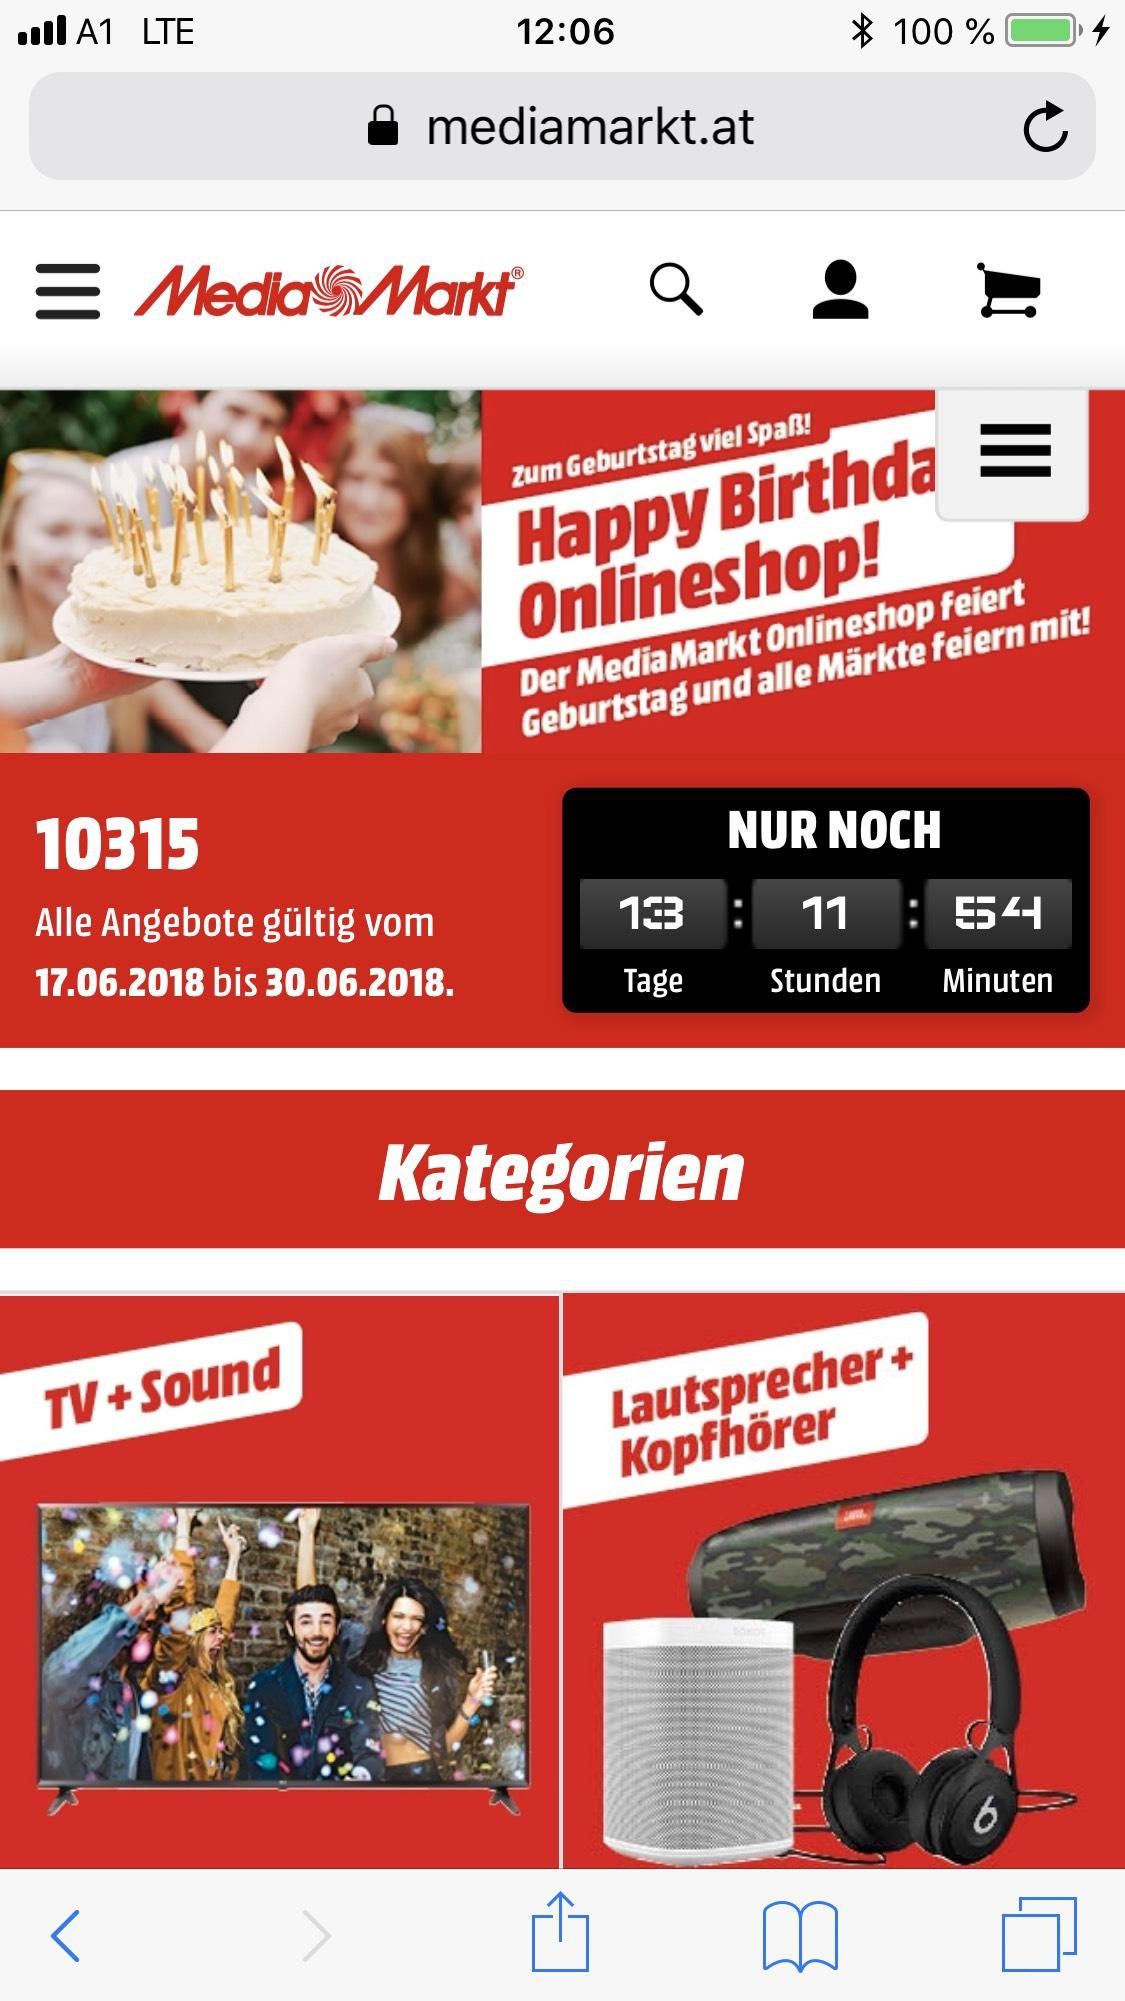 Media Markt Happy Birthday, Onlineshop